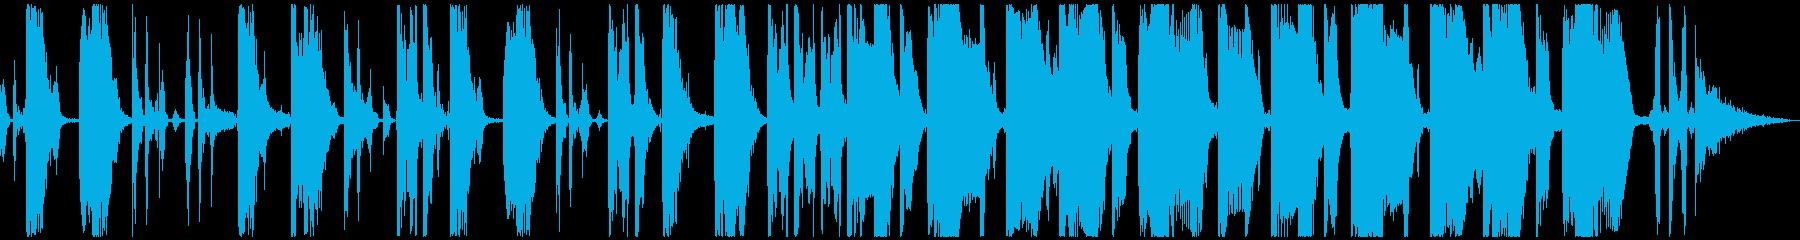 代替案 ポップ ファンク R&B ...の再生済みの波形